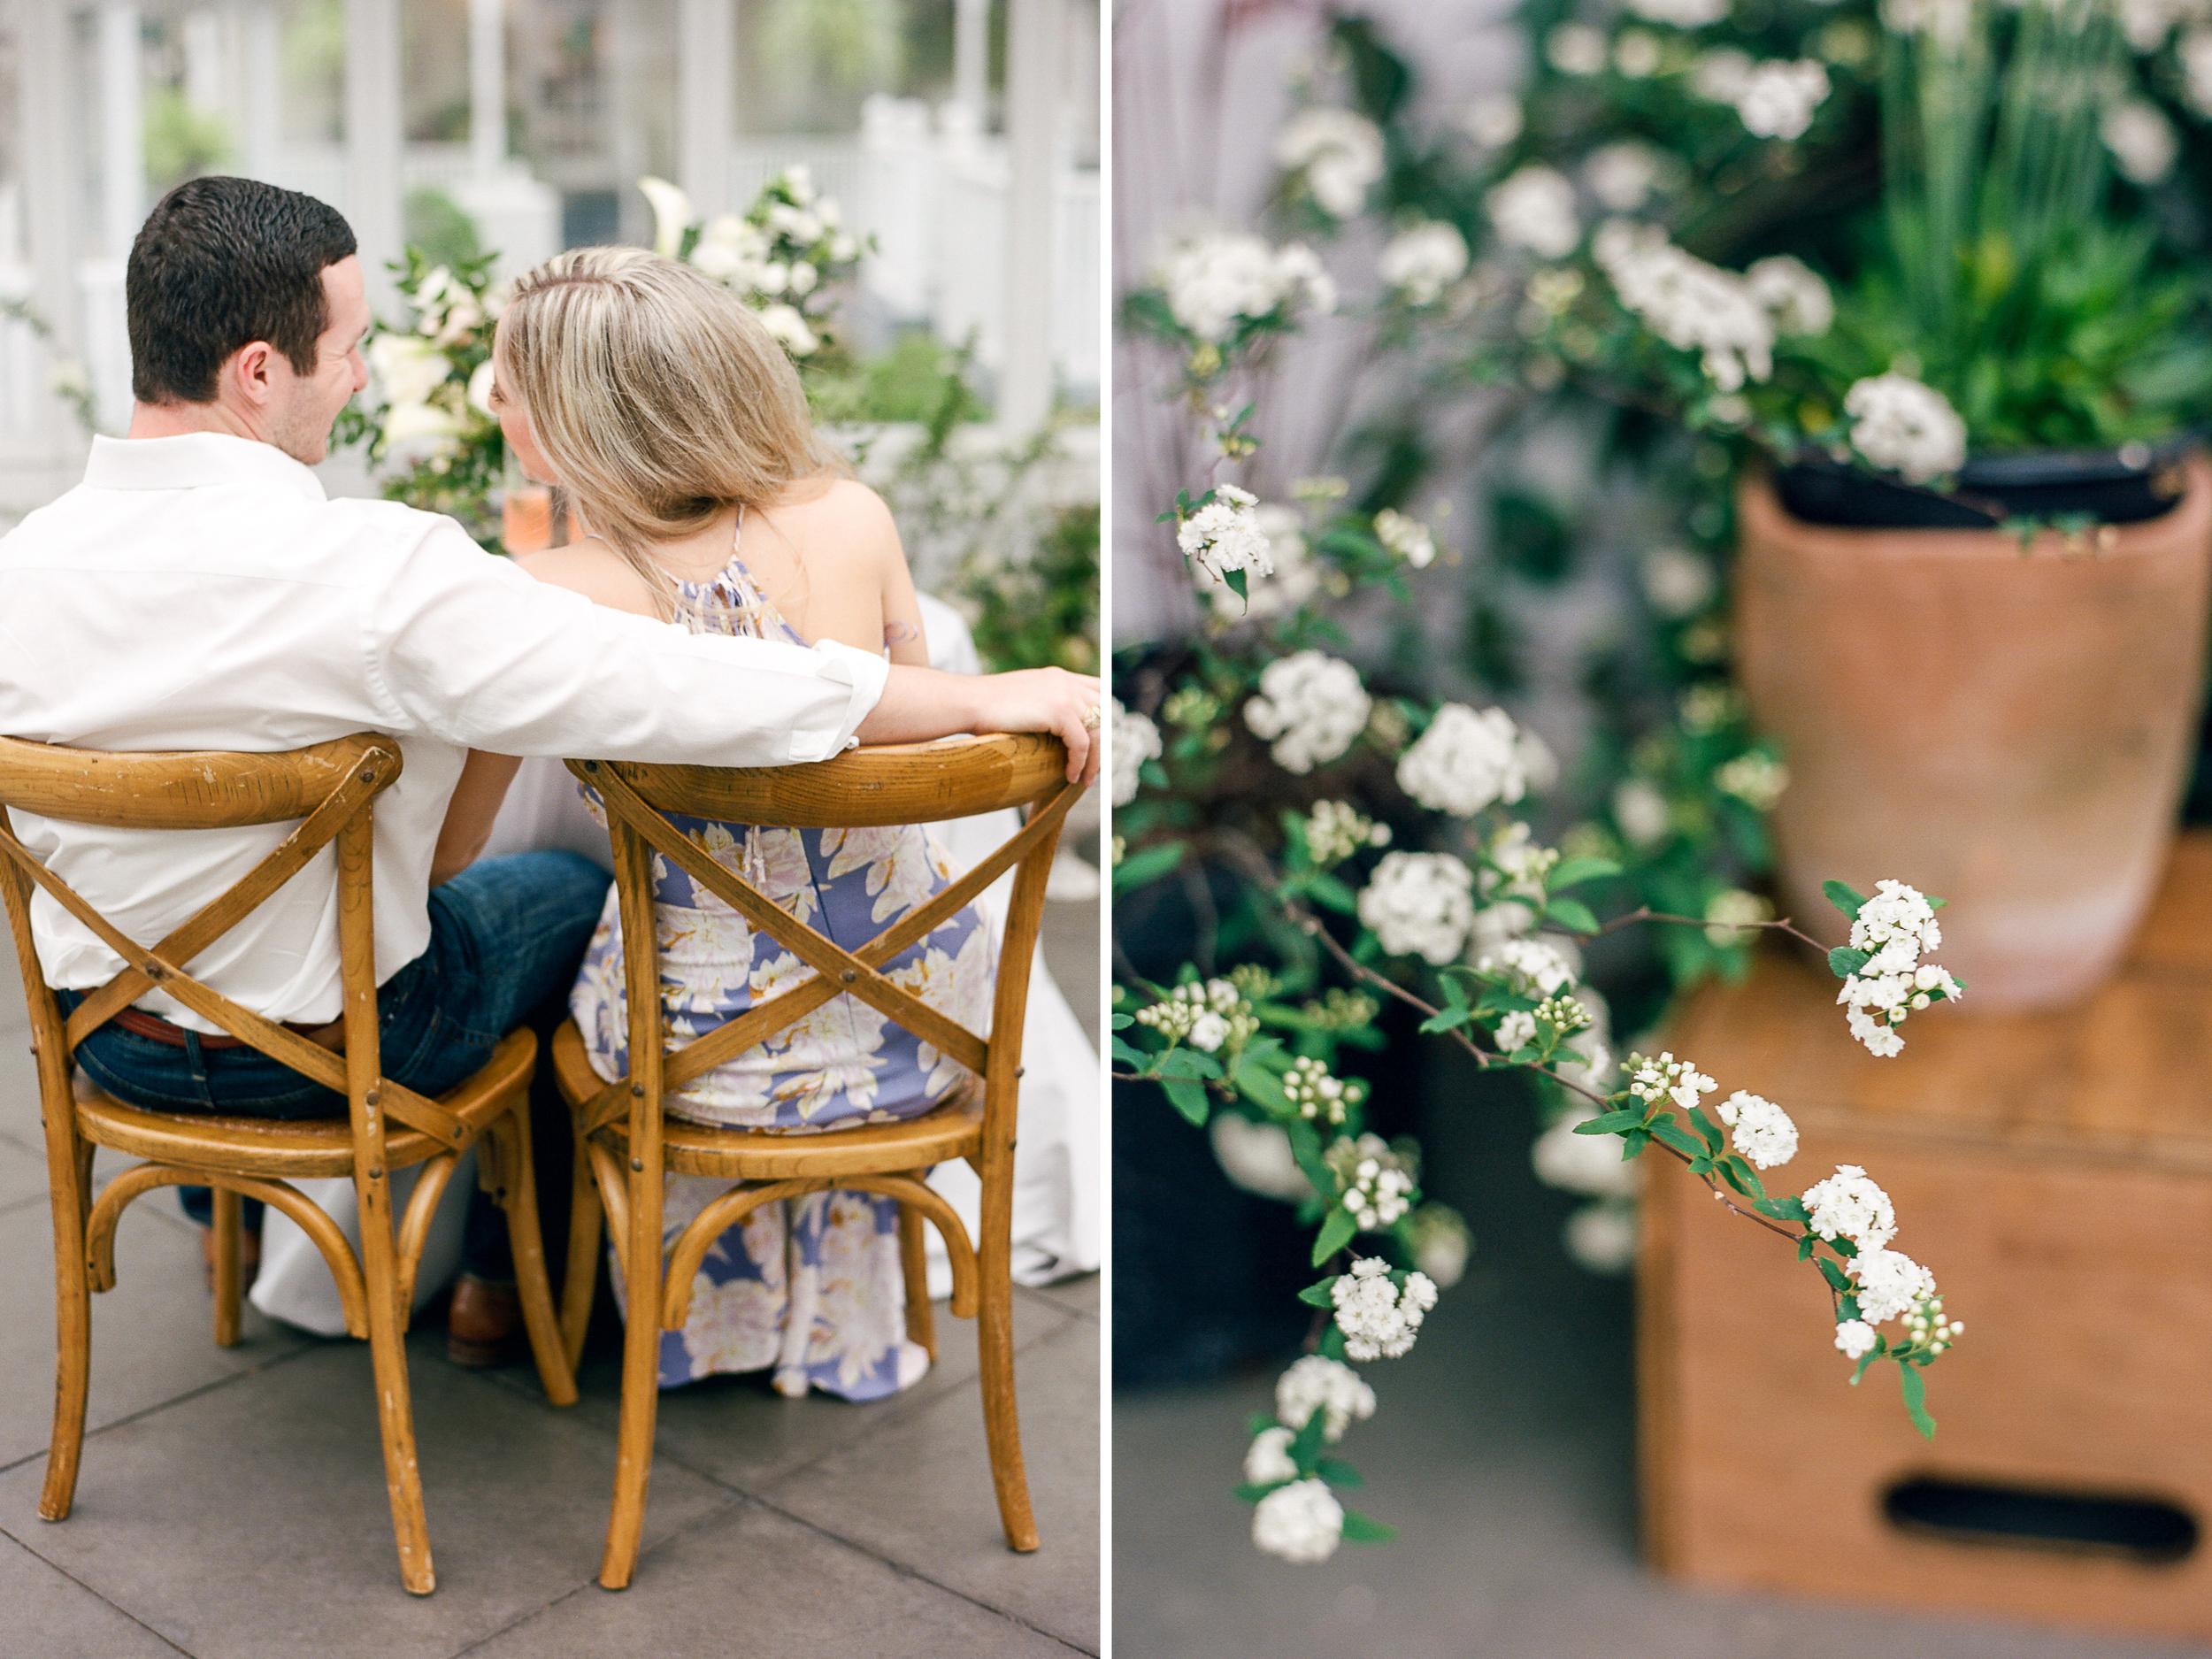 Dana-Fernandez-Photography-Houston-Wedding-Photographer-River-Oaks-Film-Natural-Light-Film-104.jpg